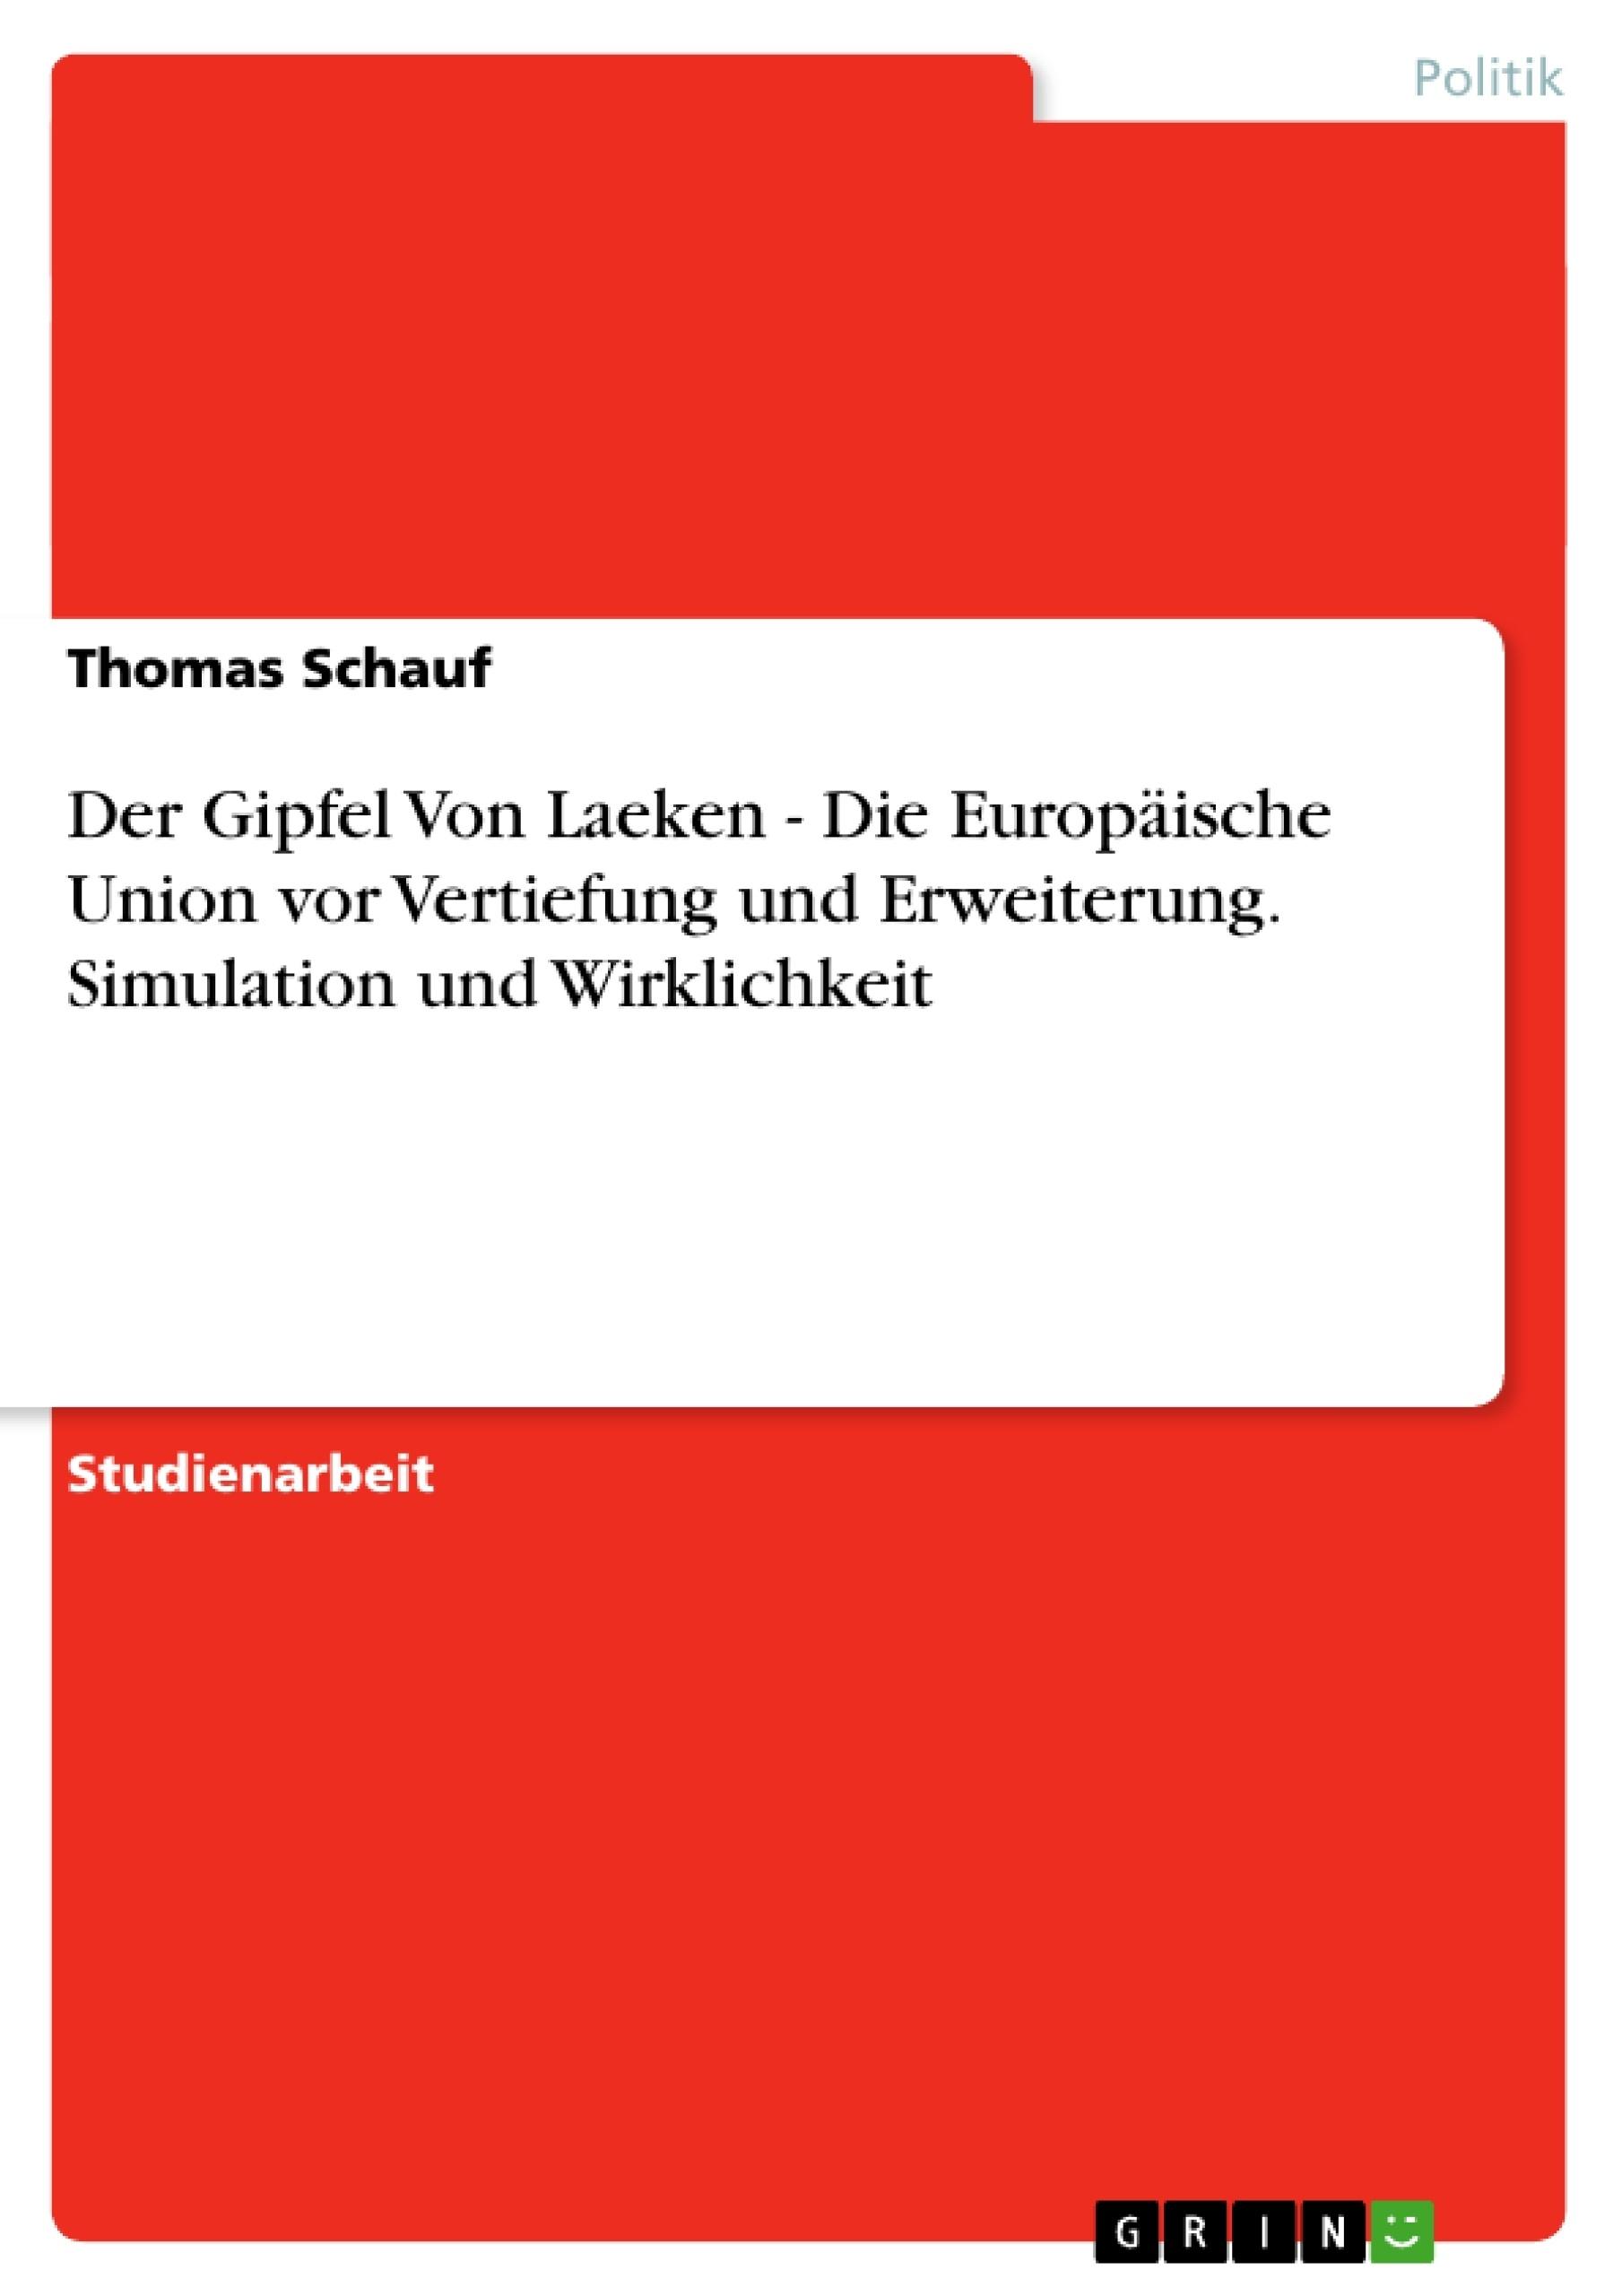 Titel: Der Gipfel Von Laeken - Die Europäische Union vor Vertiefung und Erweiterung. Simulation und Wirklichkeit